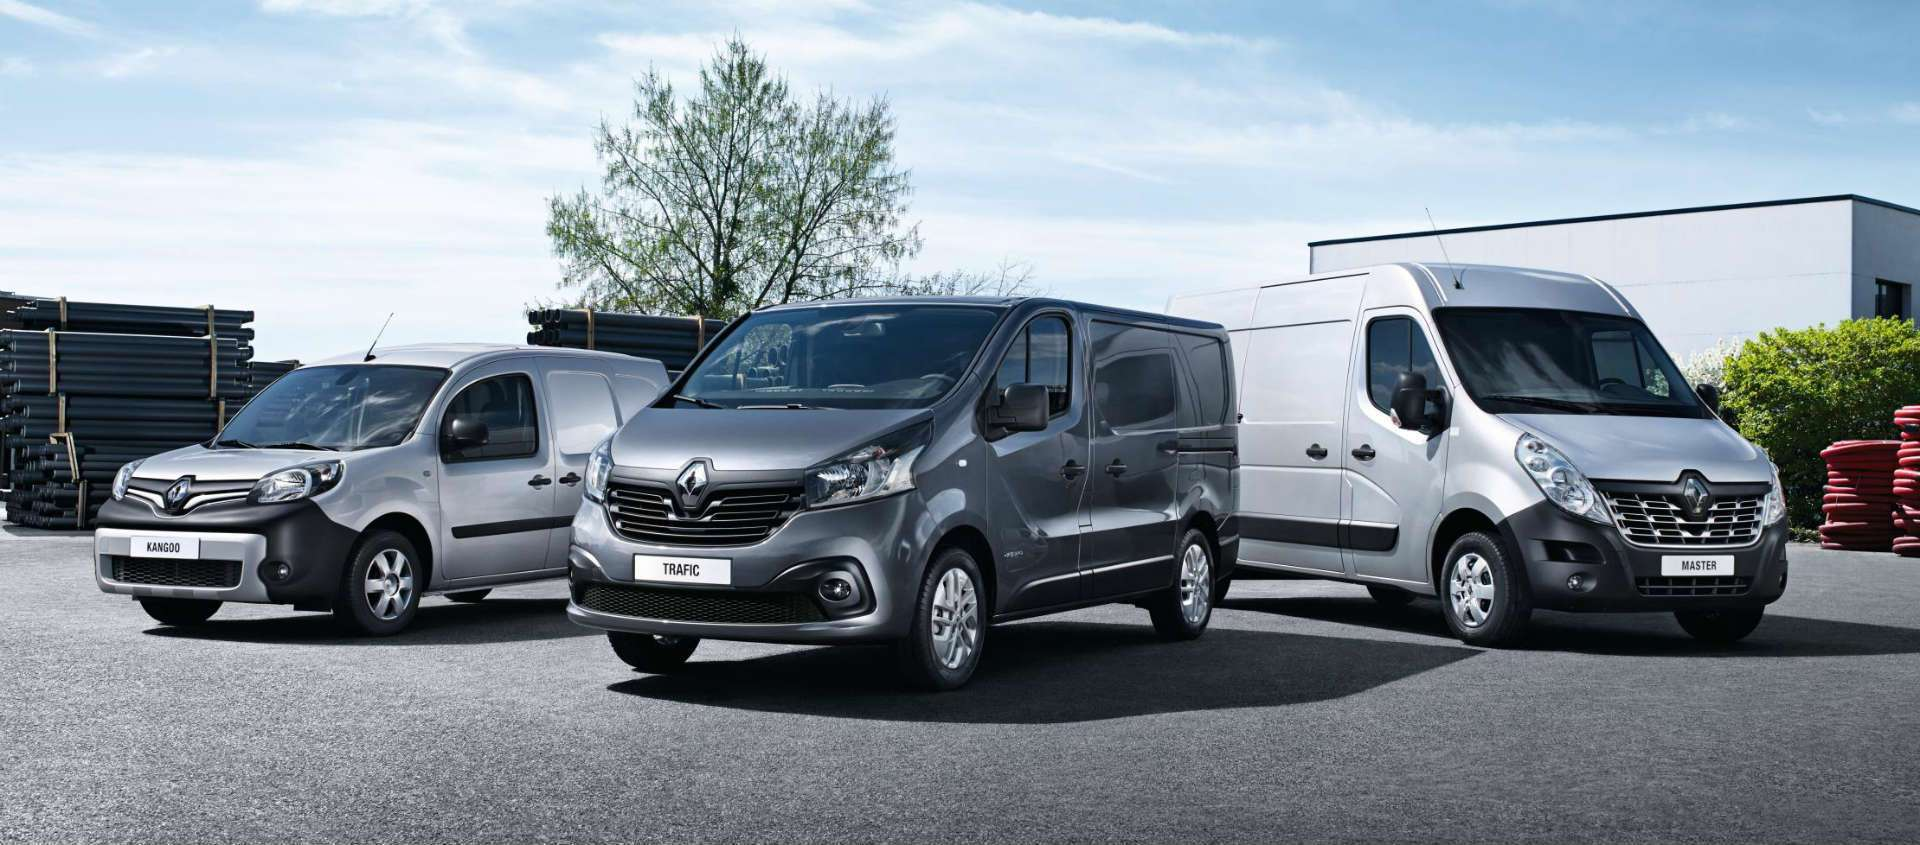 Renault на 17% перевершила свій торішній показник, реалізувавши 143 нових авто